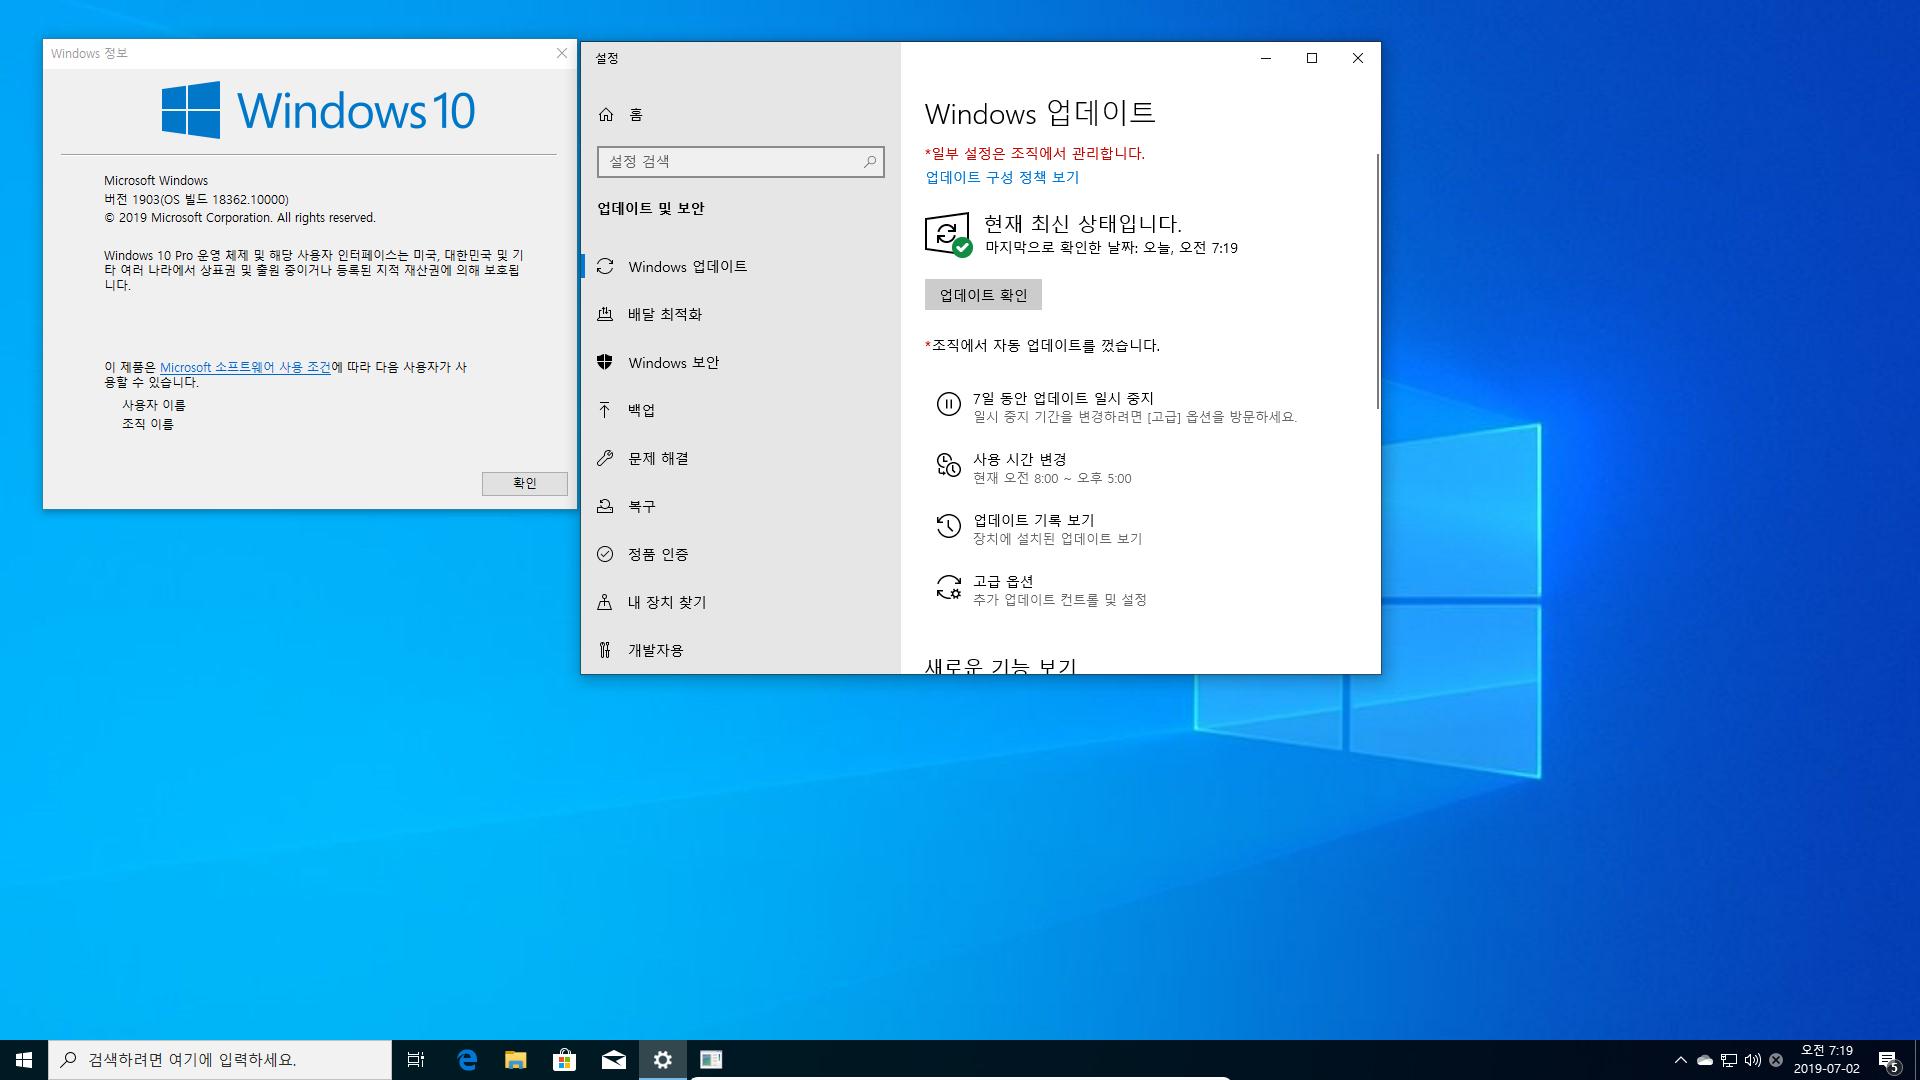 드디어 Windows 10 19H2 나왔네요 - 인사이더 프리뷰 [18362.10000] - 인사이더 프리뷰라는 표시도 없네요 2019-07-02_071922.png